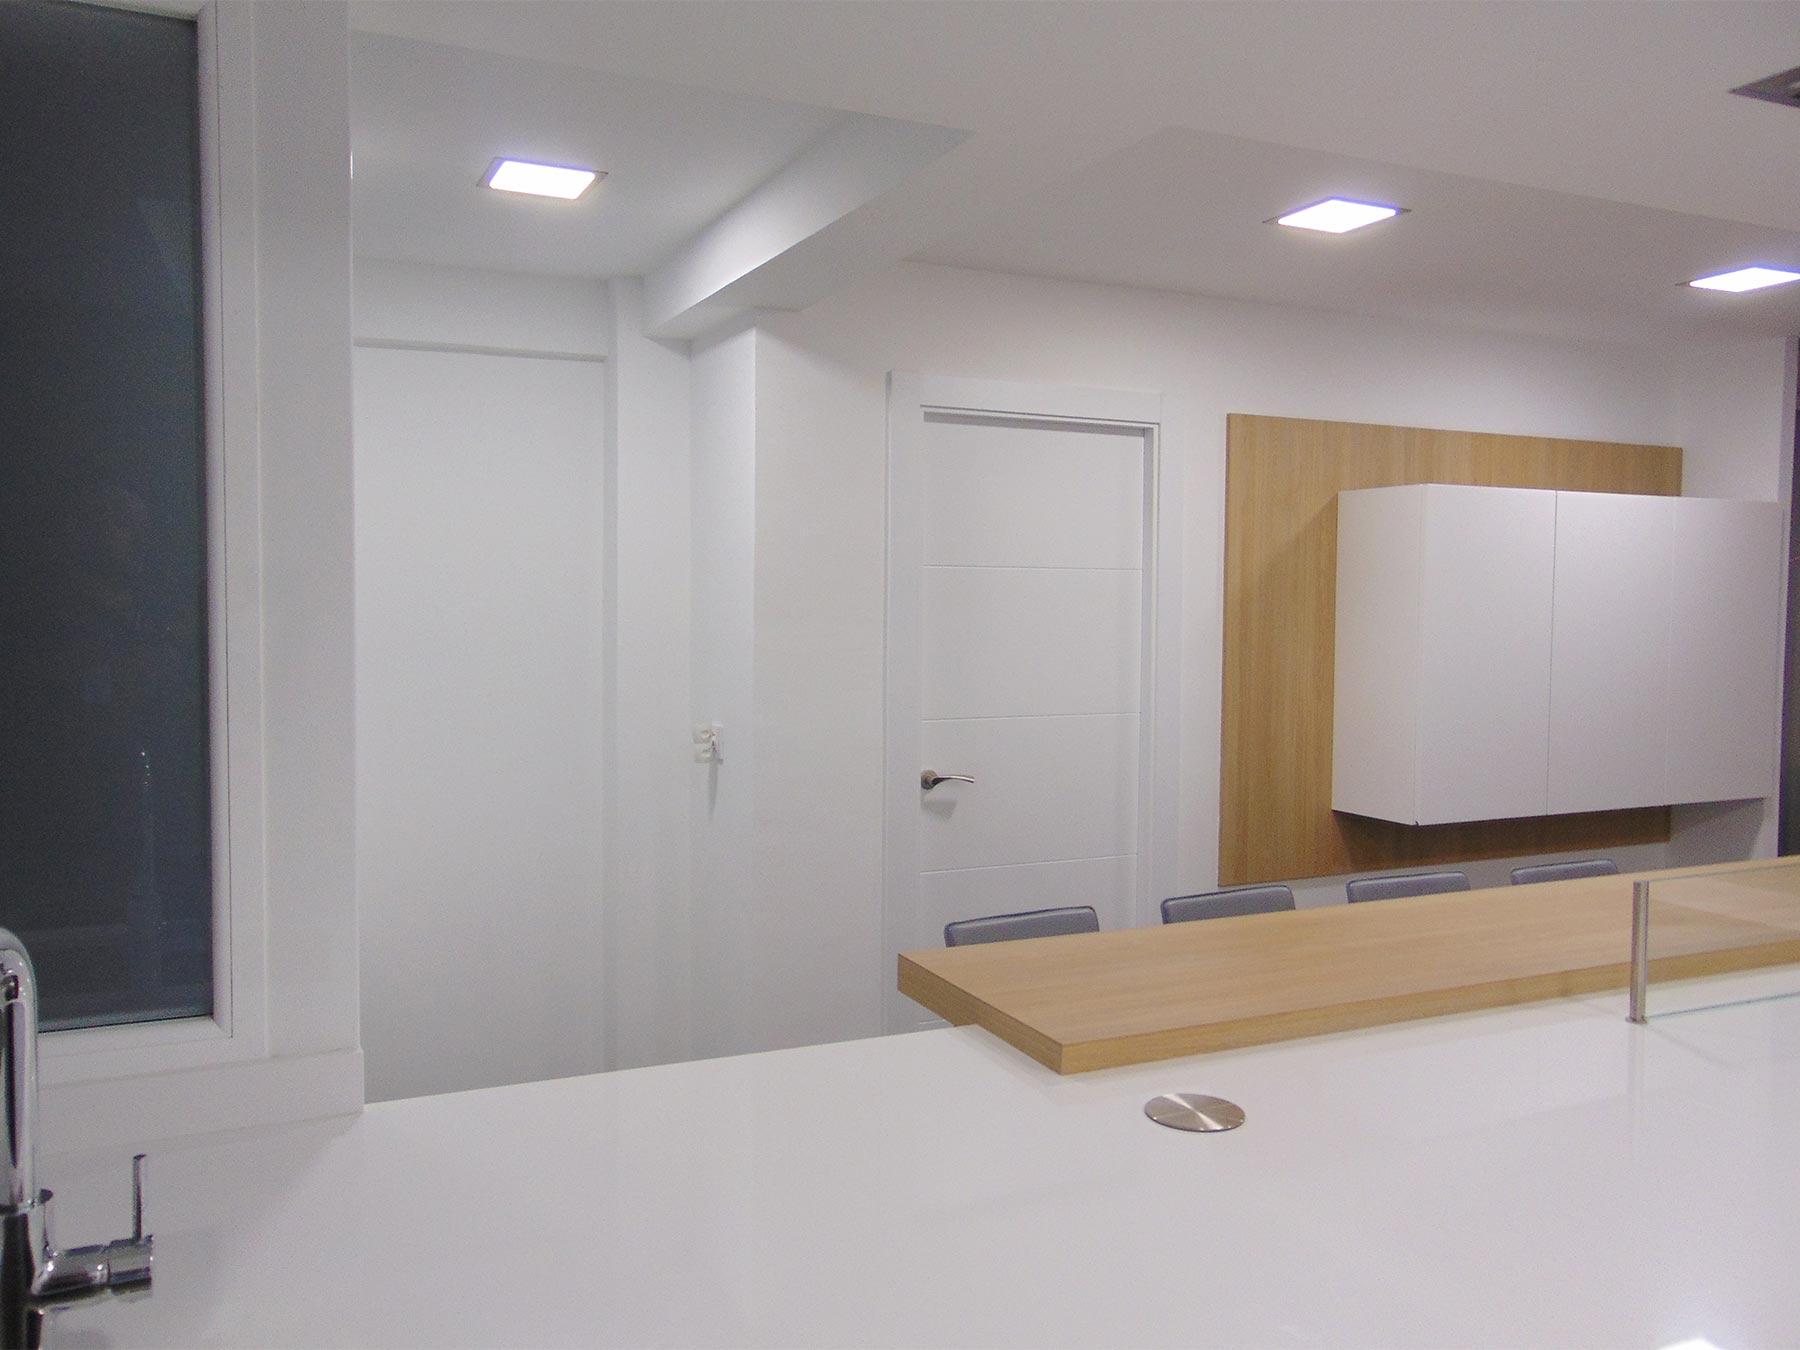 Cocina en blanco brillo con muebles altos suspendidos, con forro de pared en acabado madera.